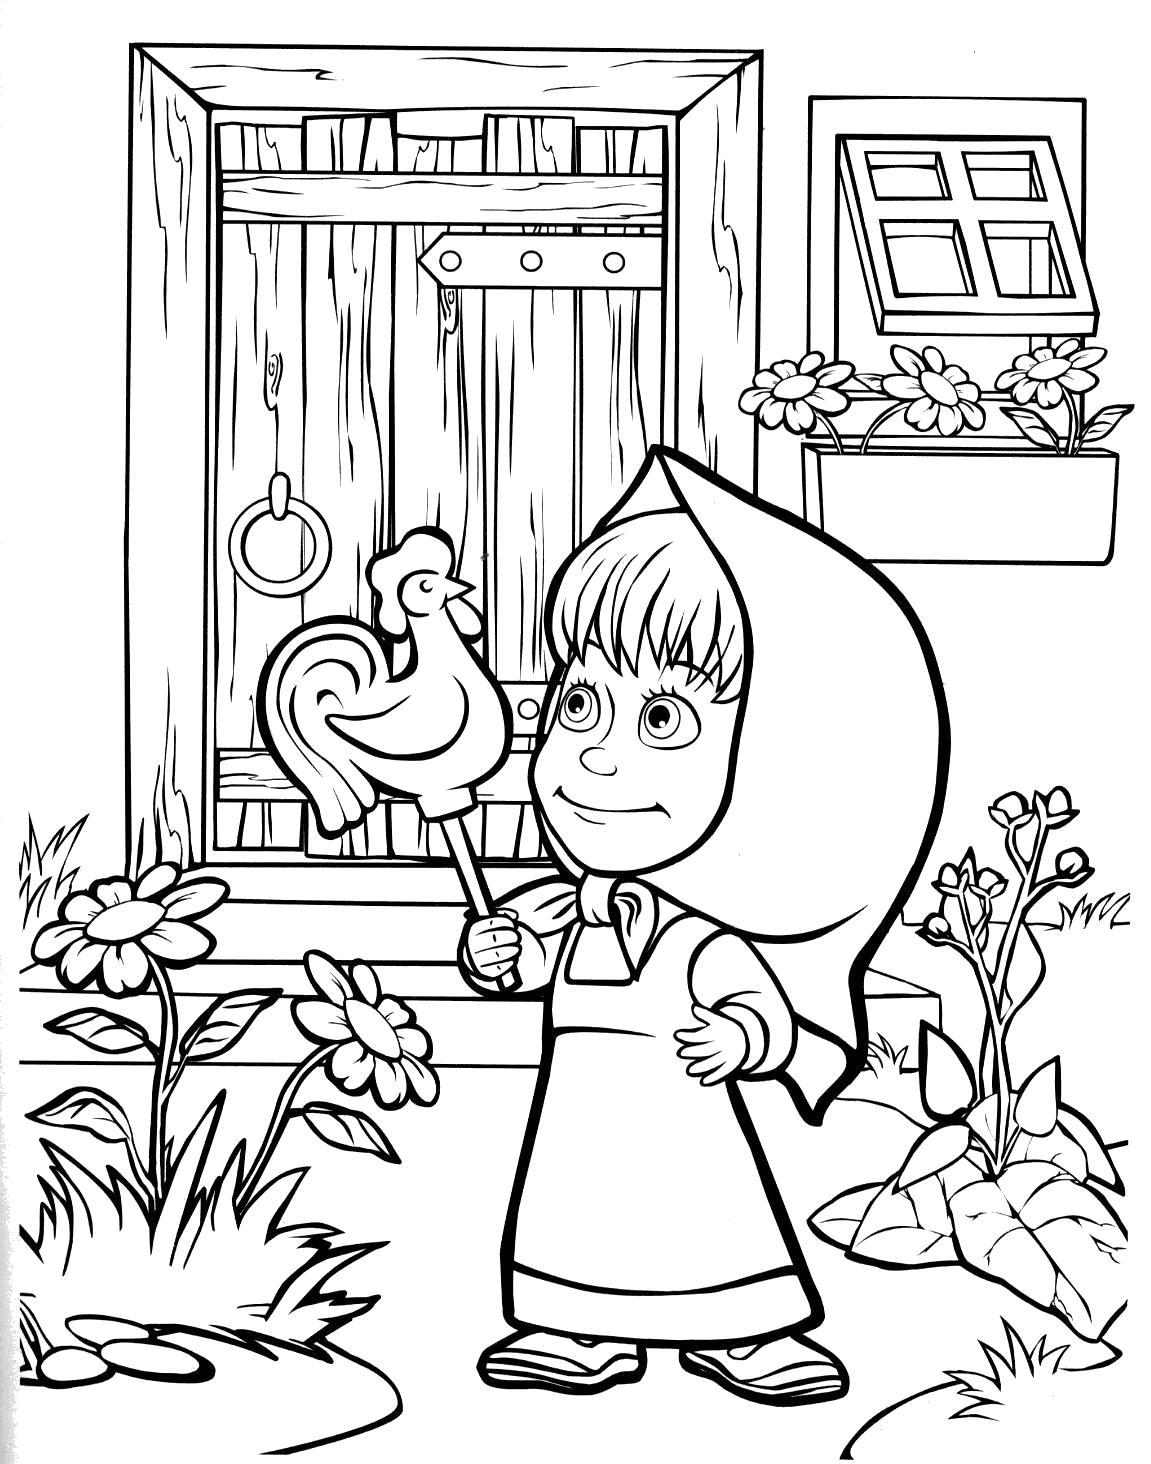 раскраски для детей про озорную машу из мультфильма маша и